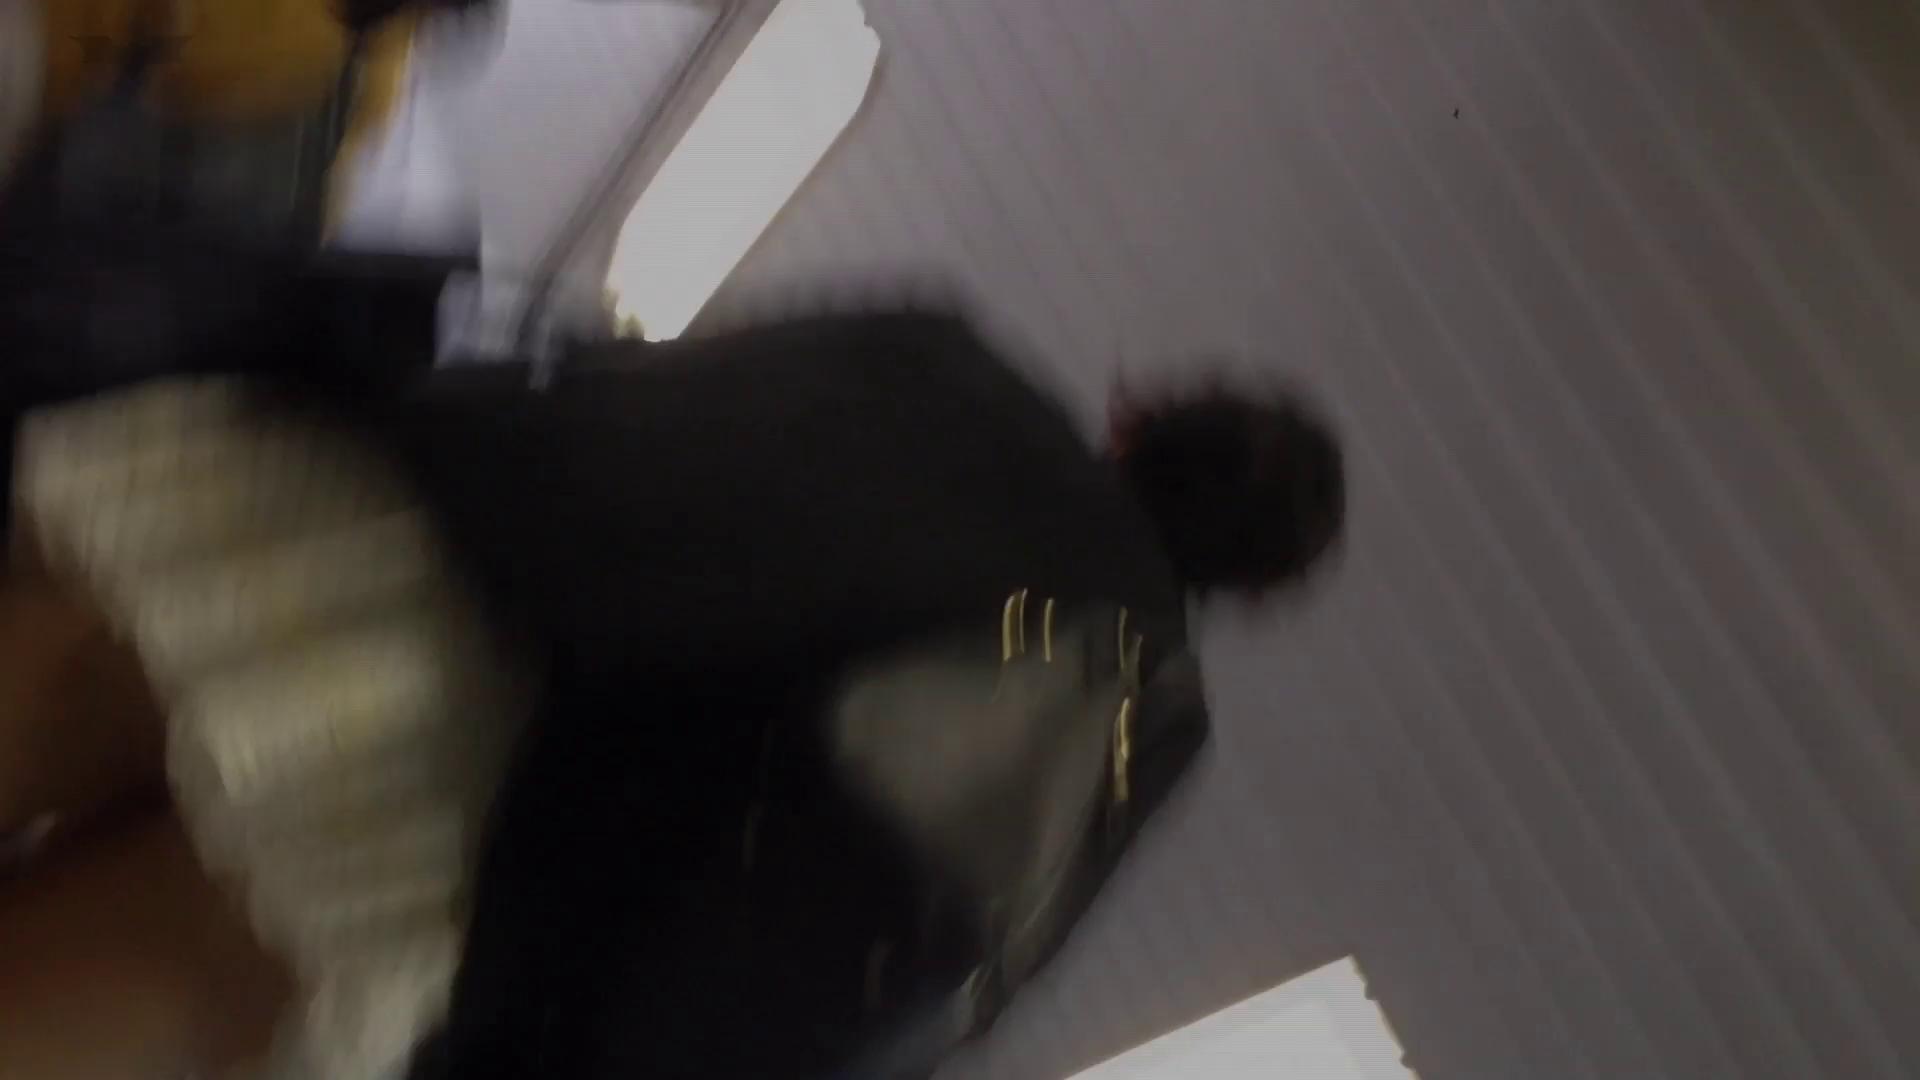 階段パンチラ Vol.09 OLのボディ ヌード画像 85PIX 66